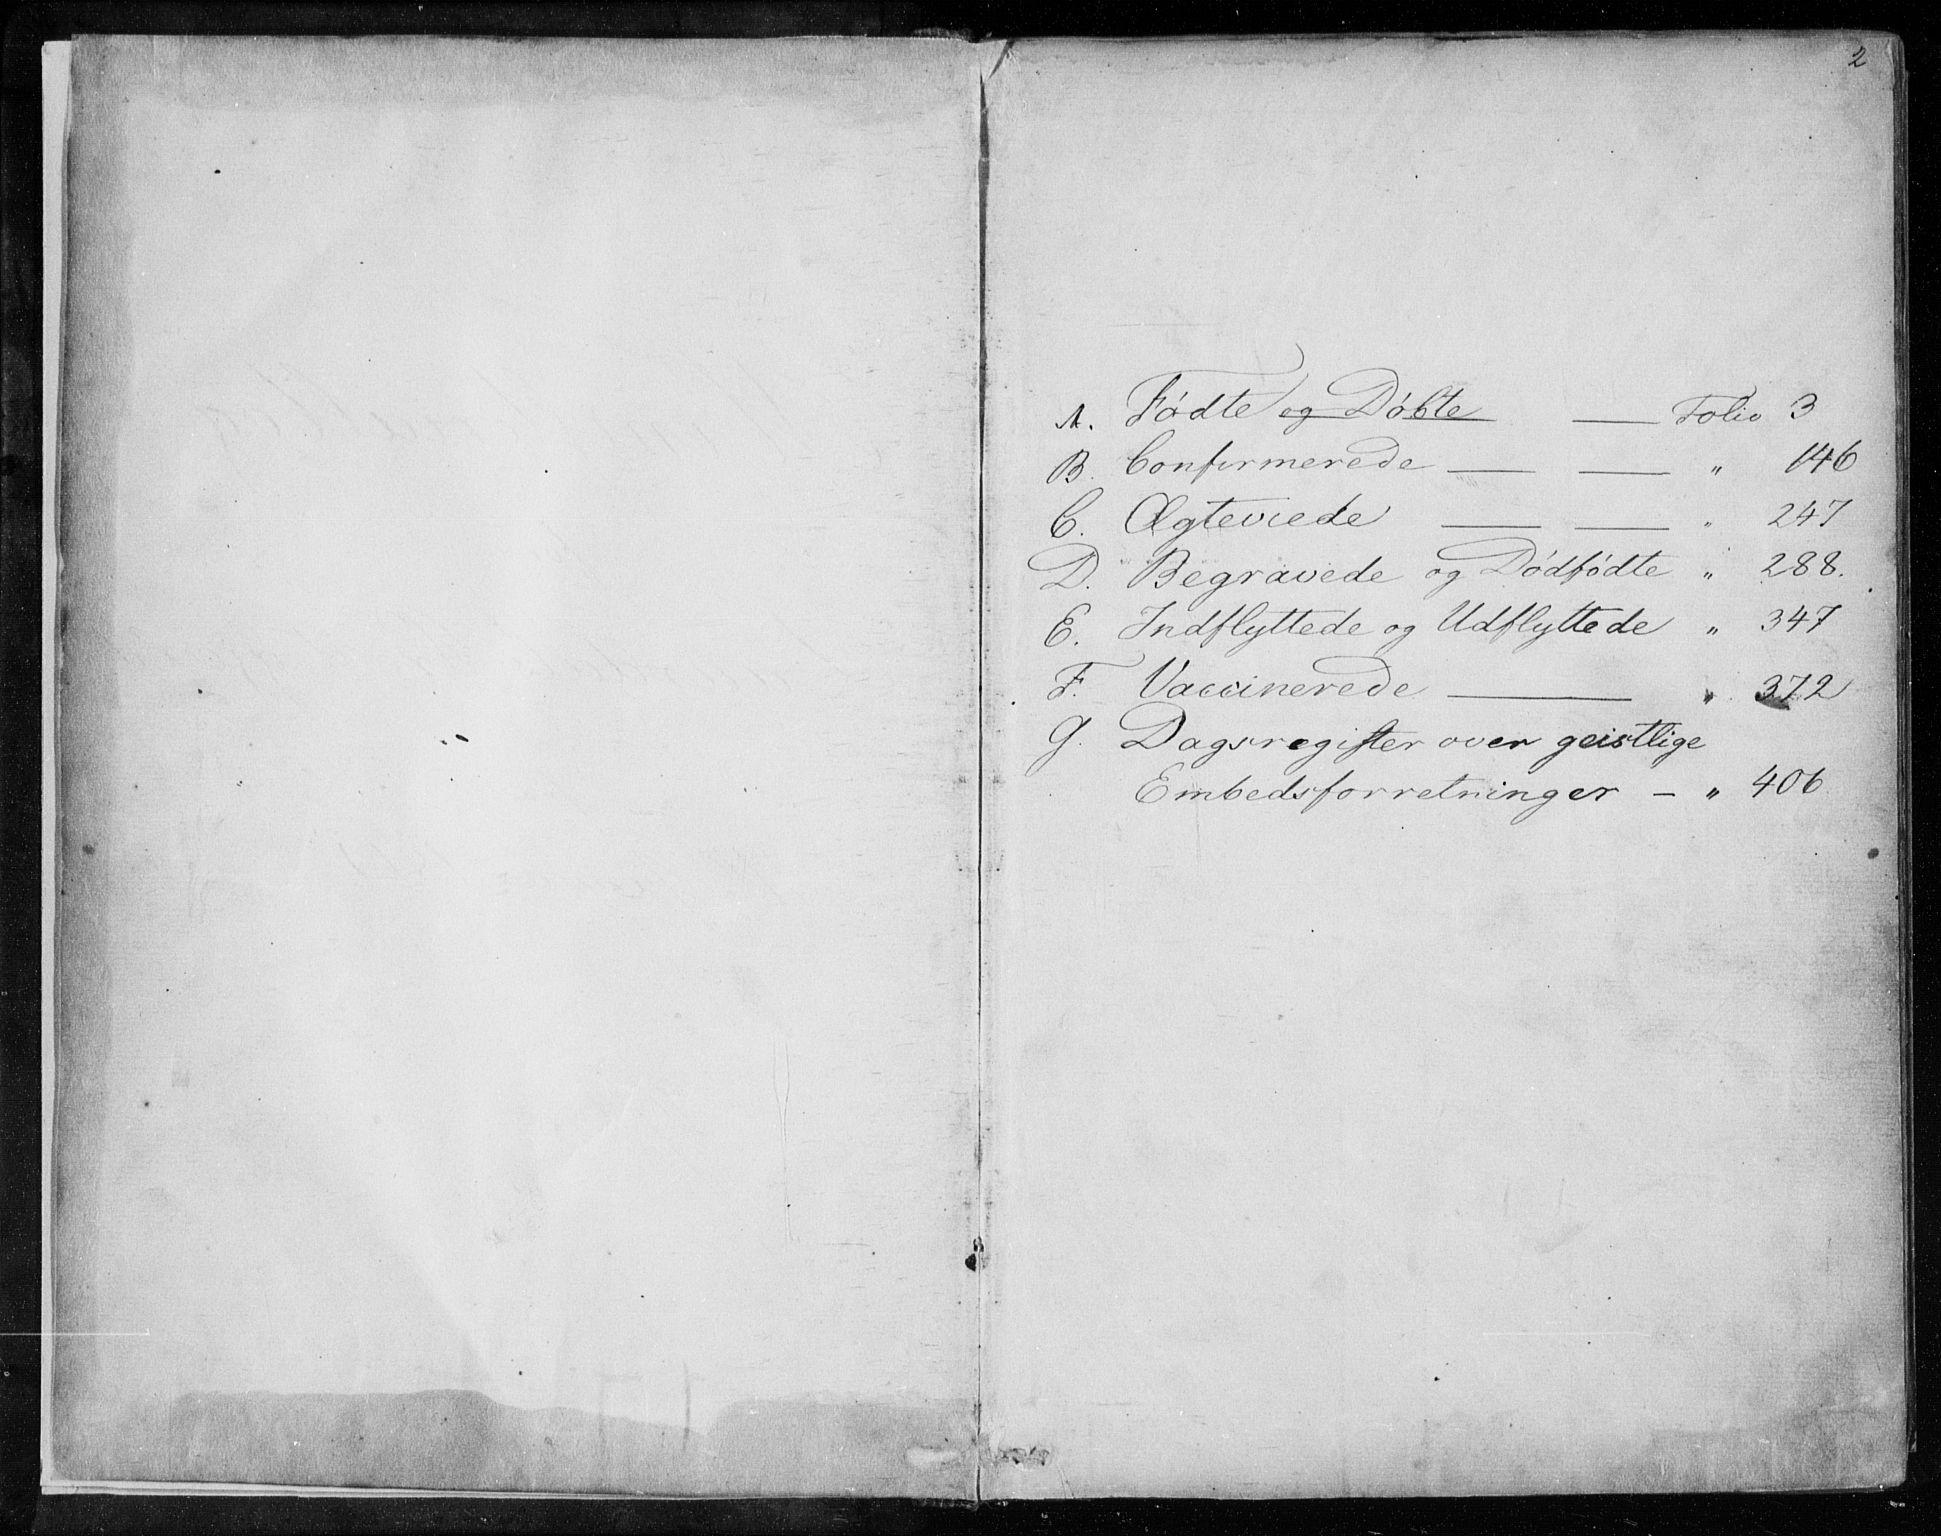 SAKO, Lårdal kirkebøker, F/Fa/L0006: Ministerialbok nr. I 6, 1861-1886, s. 2